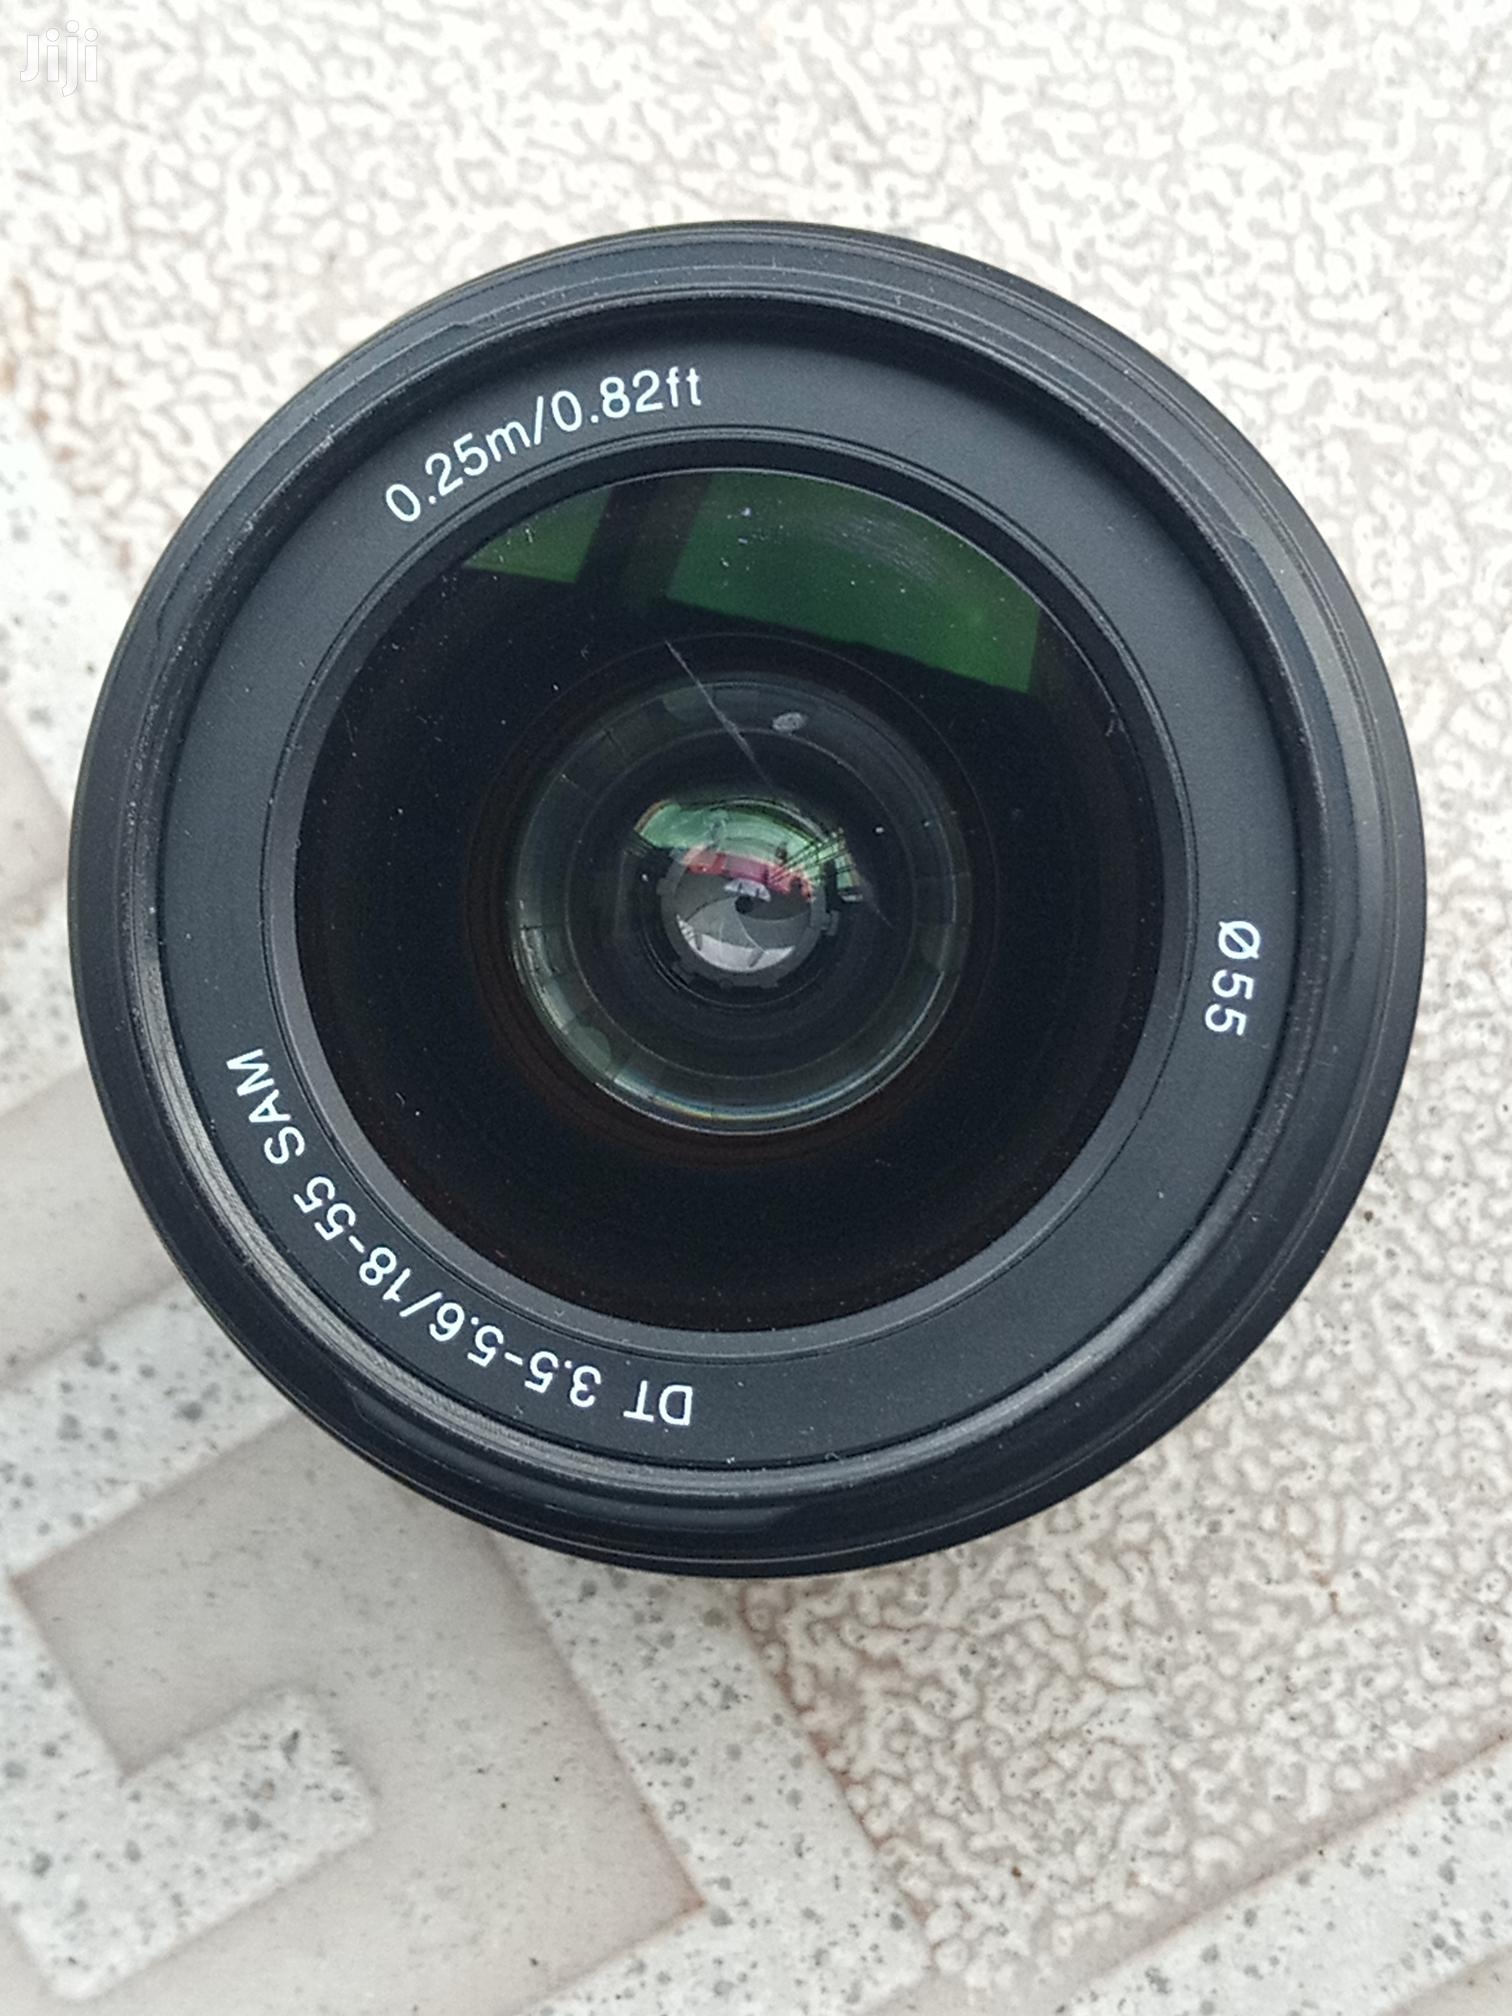 Sony 18-55mm Lens